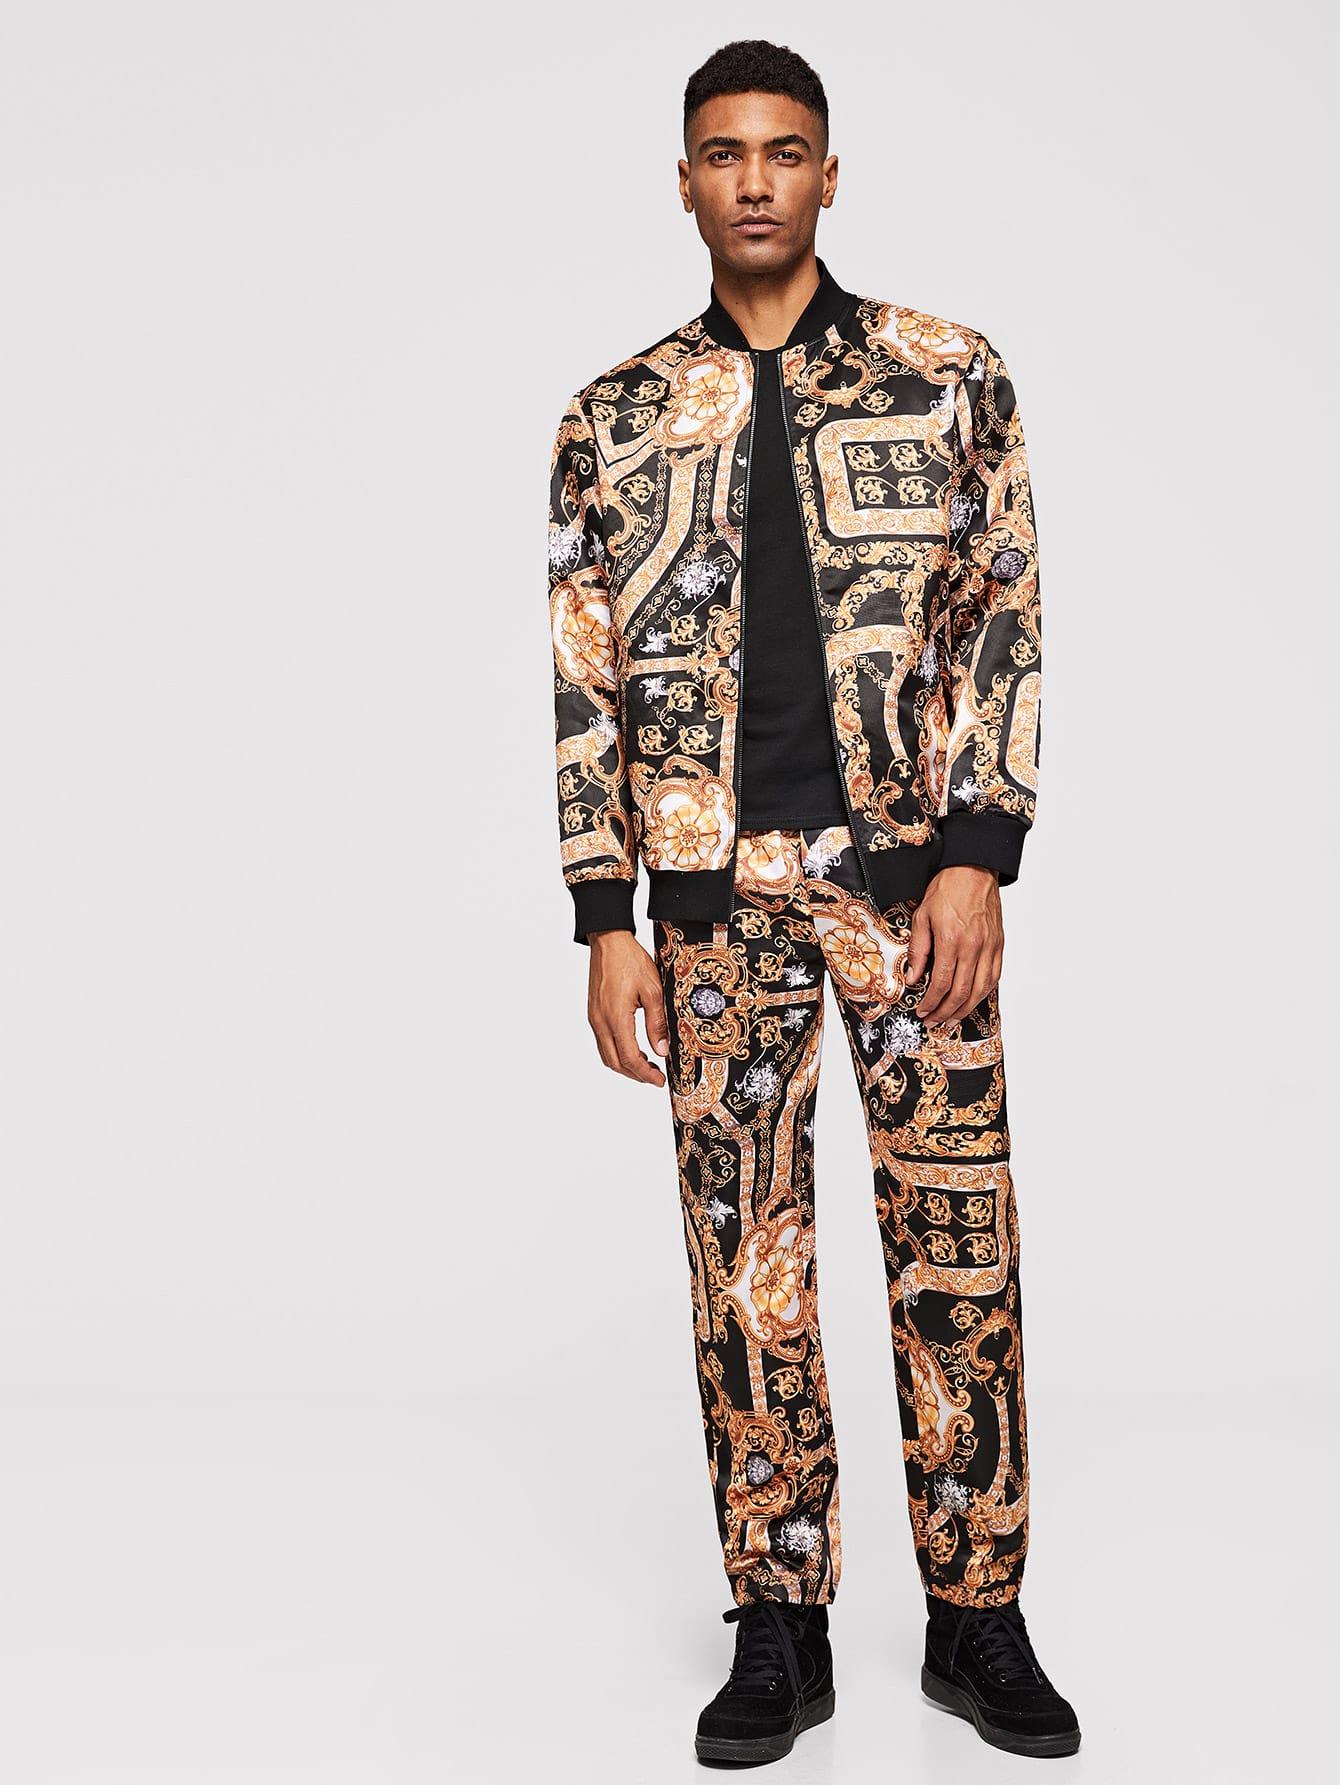 Men Zip Up Mock-Neck Chain Print Jacket & Pants Set Men Zip Up Mock-Neck Chain Print Jacket & Pants Set